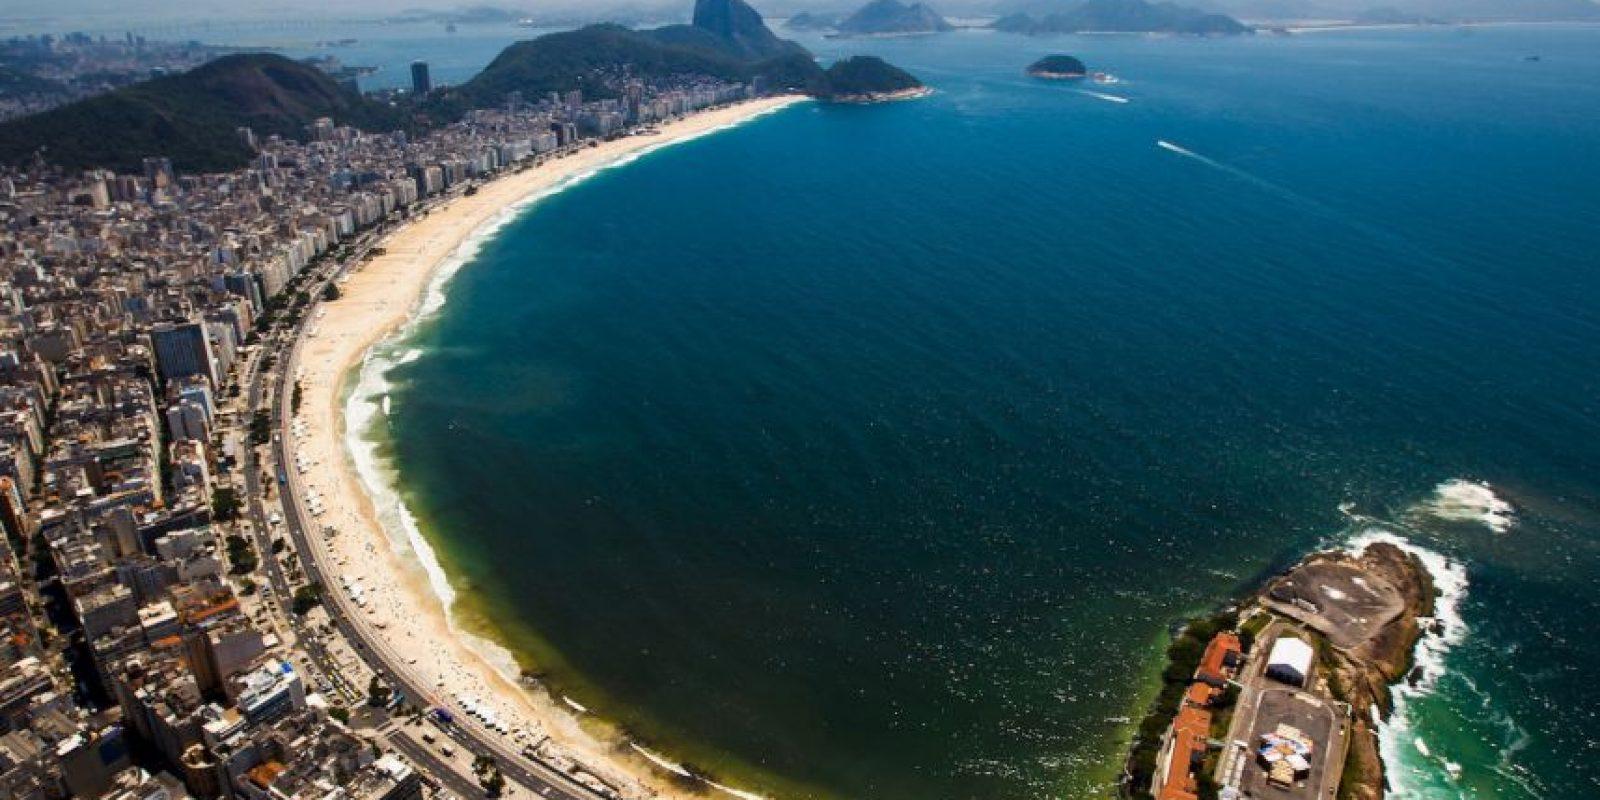 """La activista Paula Nogueira sostuvo: """"Esta es una decisión valiente por el alcalde y ayudará a Río a convertirse en un punto de referencia cultural y turístico, en especial con la ciudad a punto de celebrar su 450 aniversario y los Juegos Olímpicos de 2016"""". Foto:Getty"""